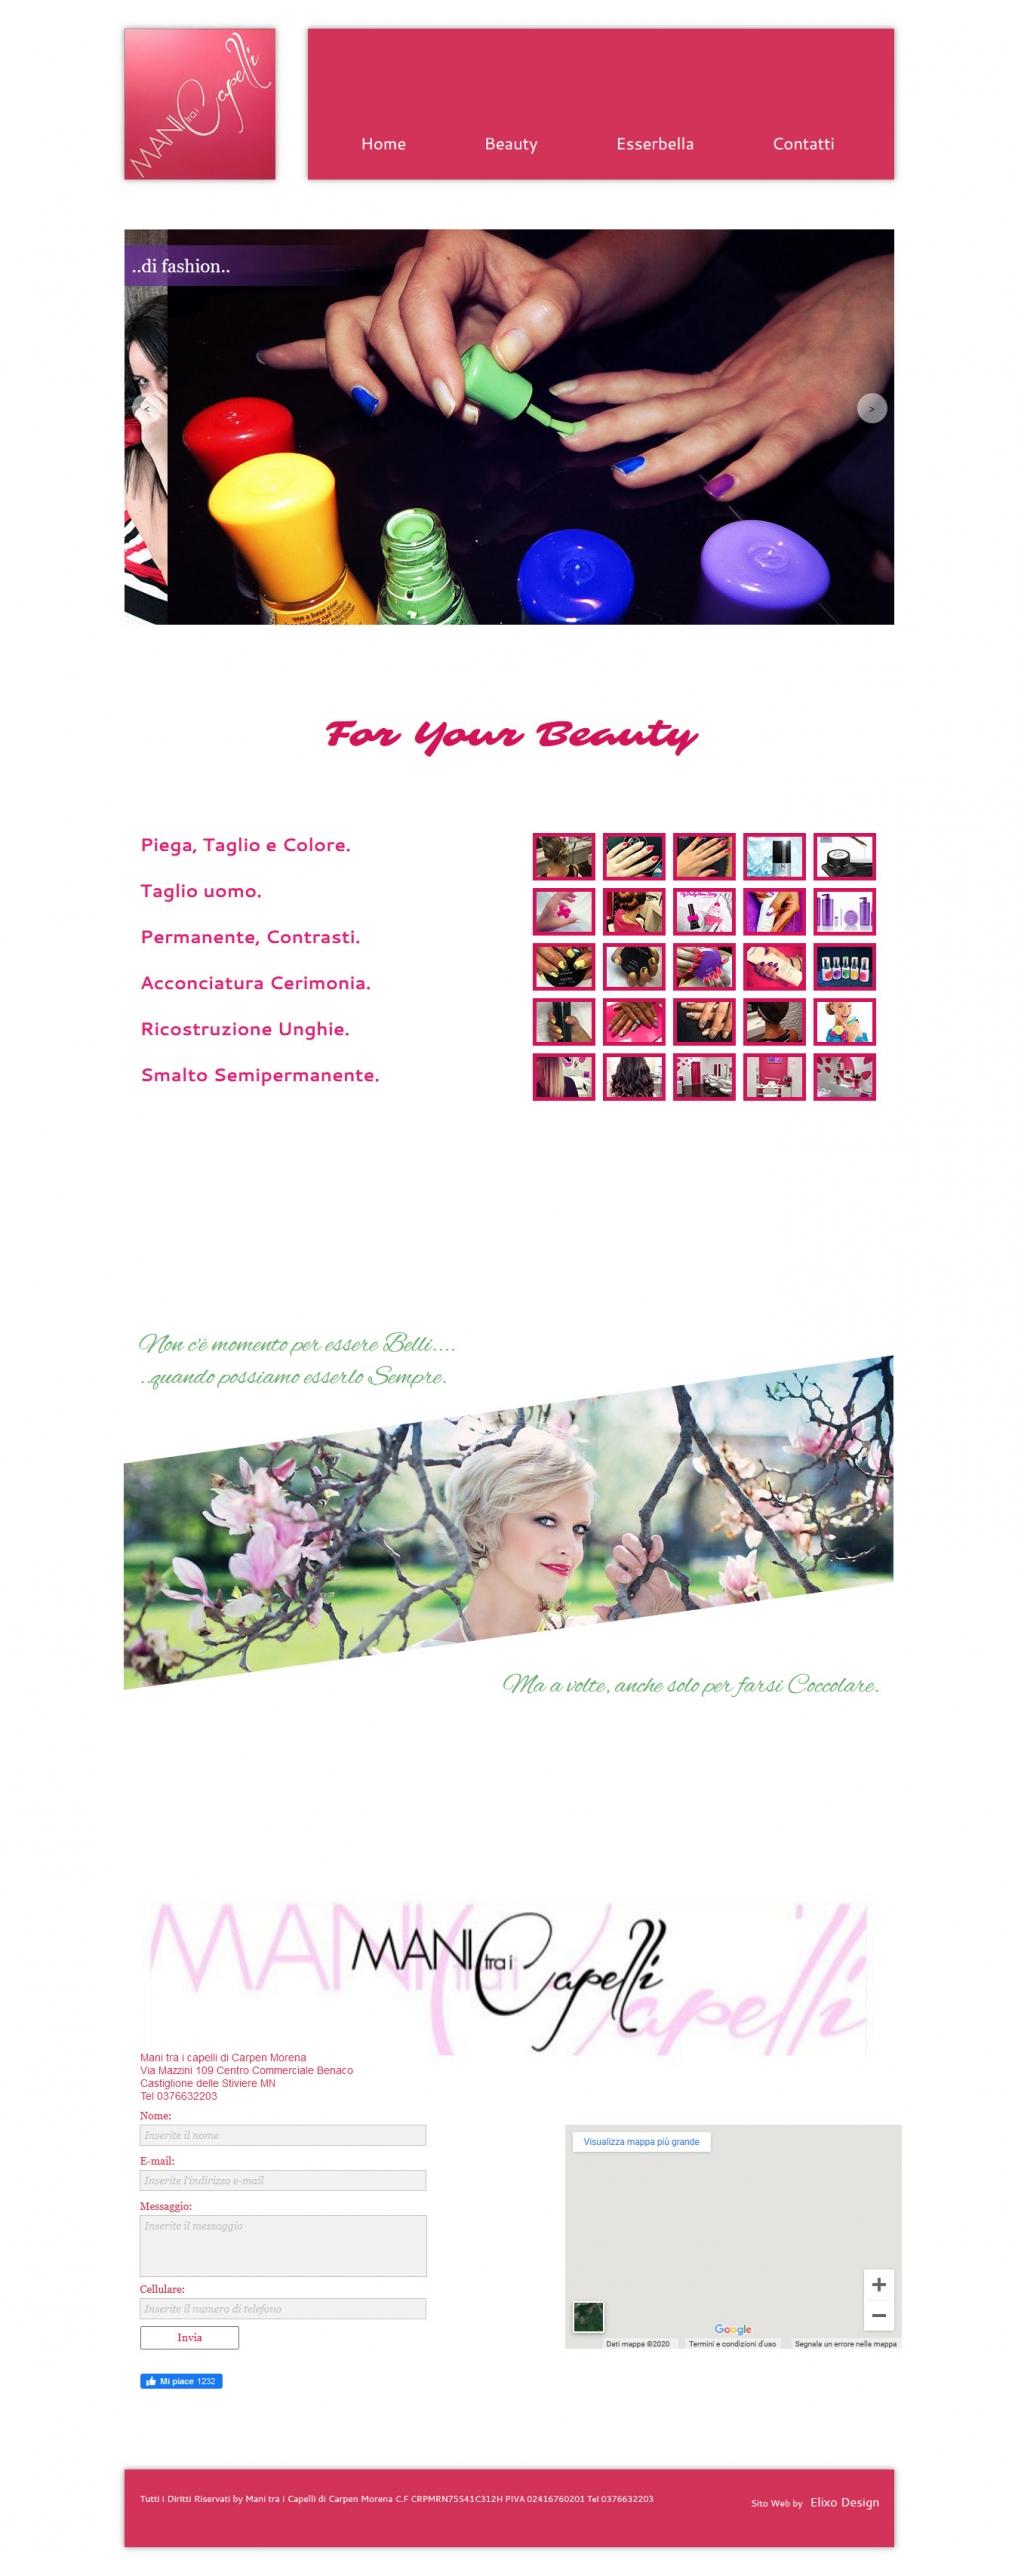 esempio di home page per un parrucchiere o estetista